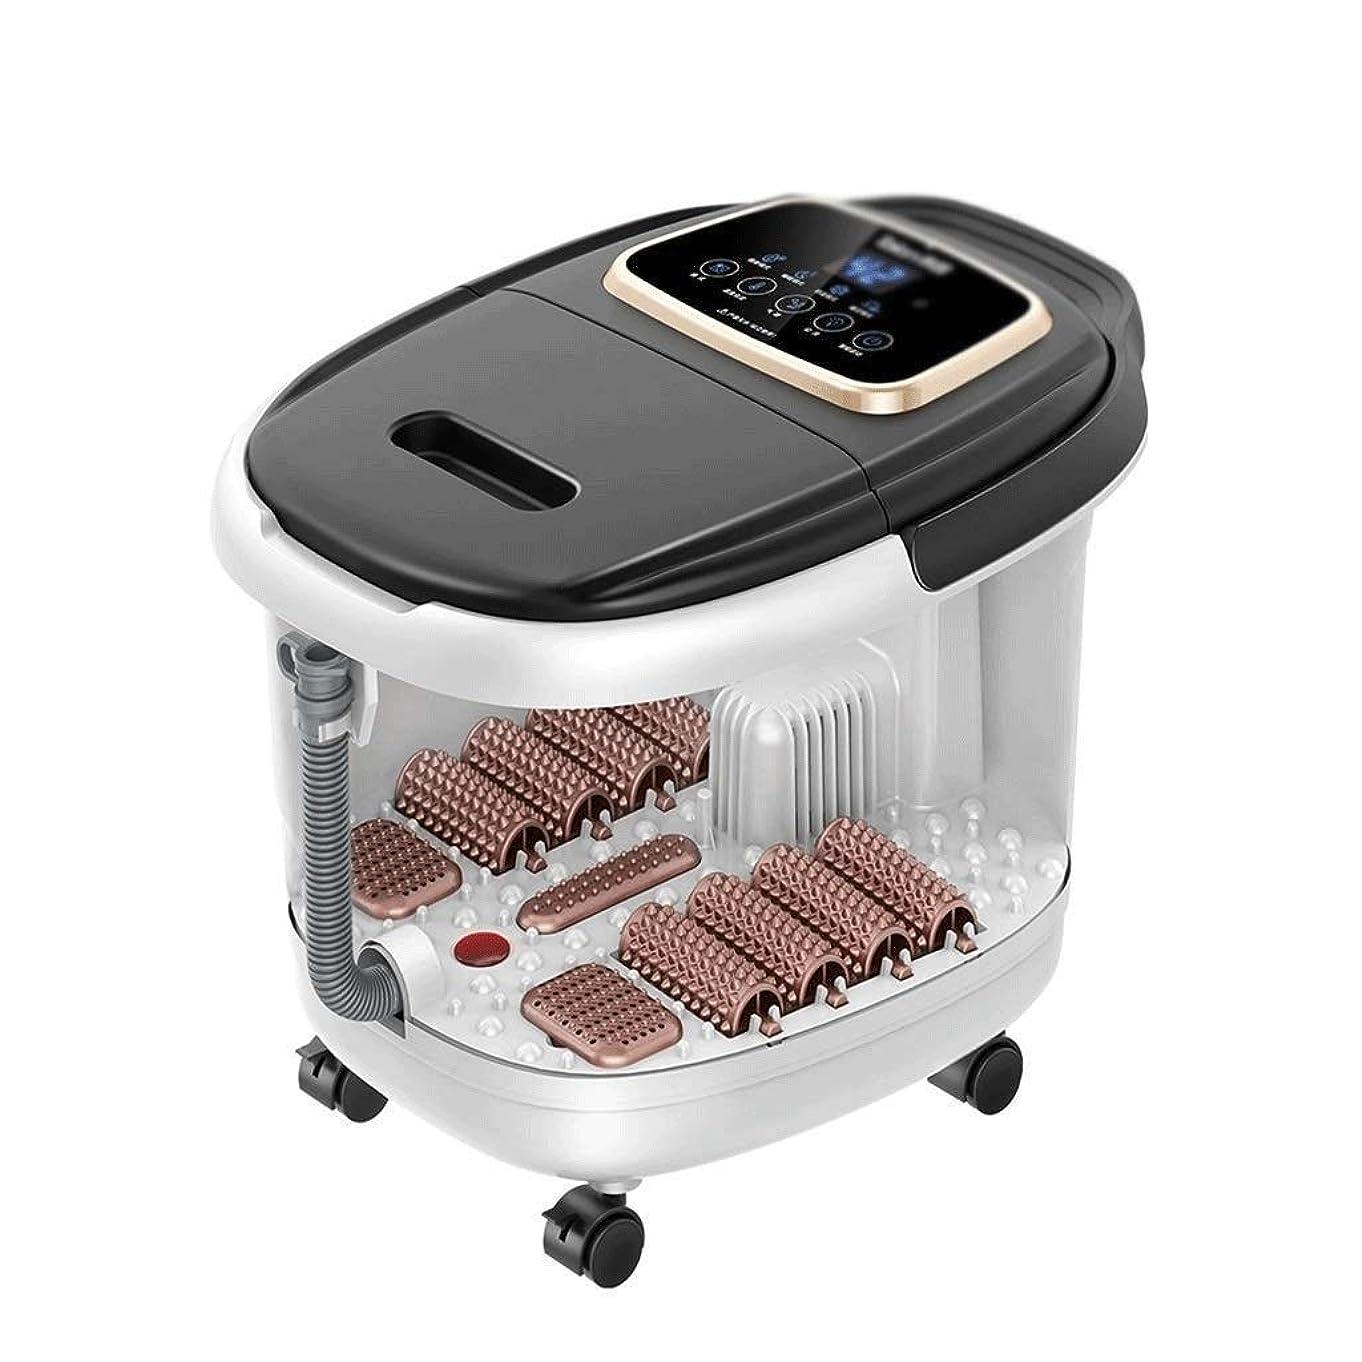 鮫カポック溶けるTBCML フットスパマッサージ - 温水浴槽、自動マッサージローラー、振動、泡、デジタル調節可能温度制御